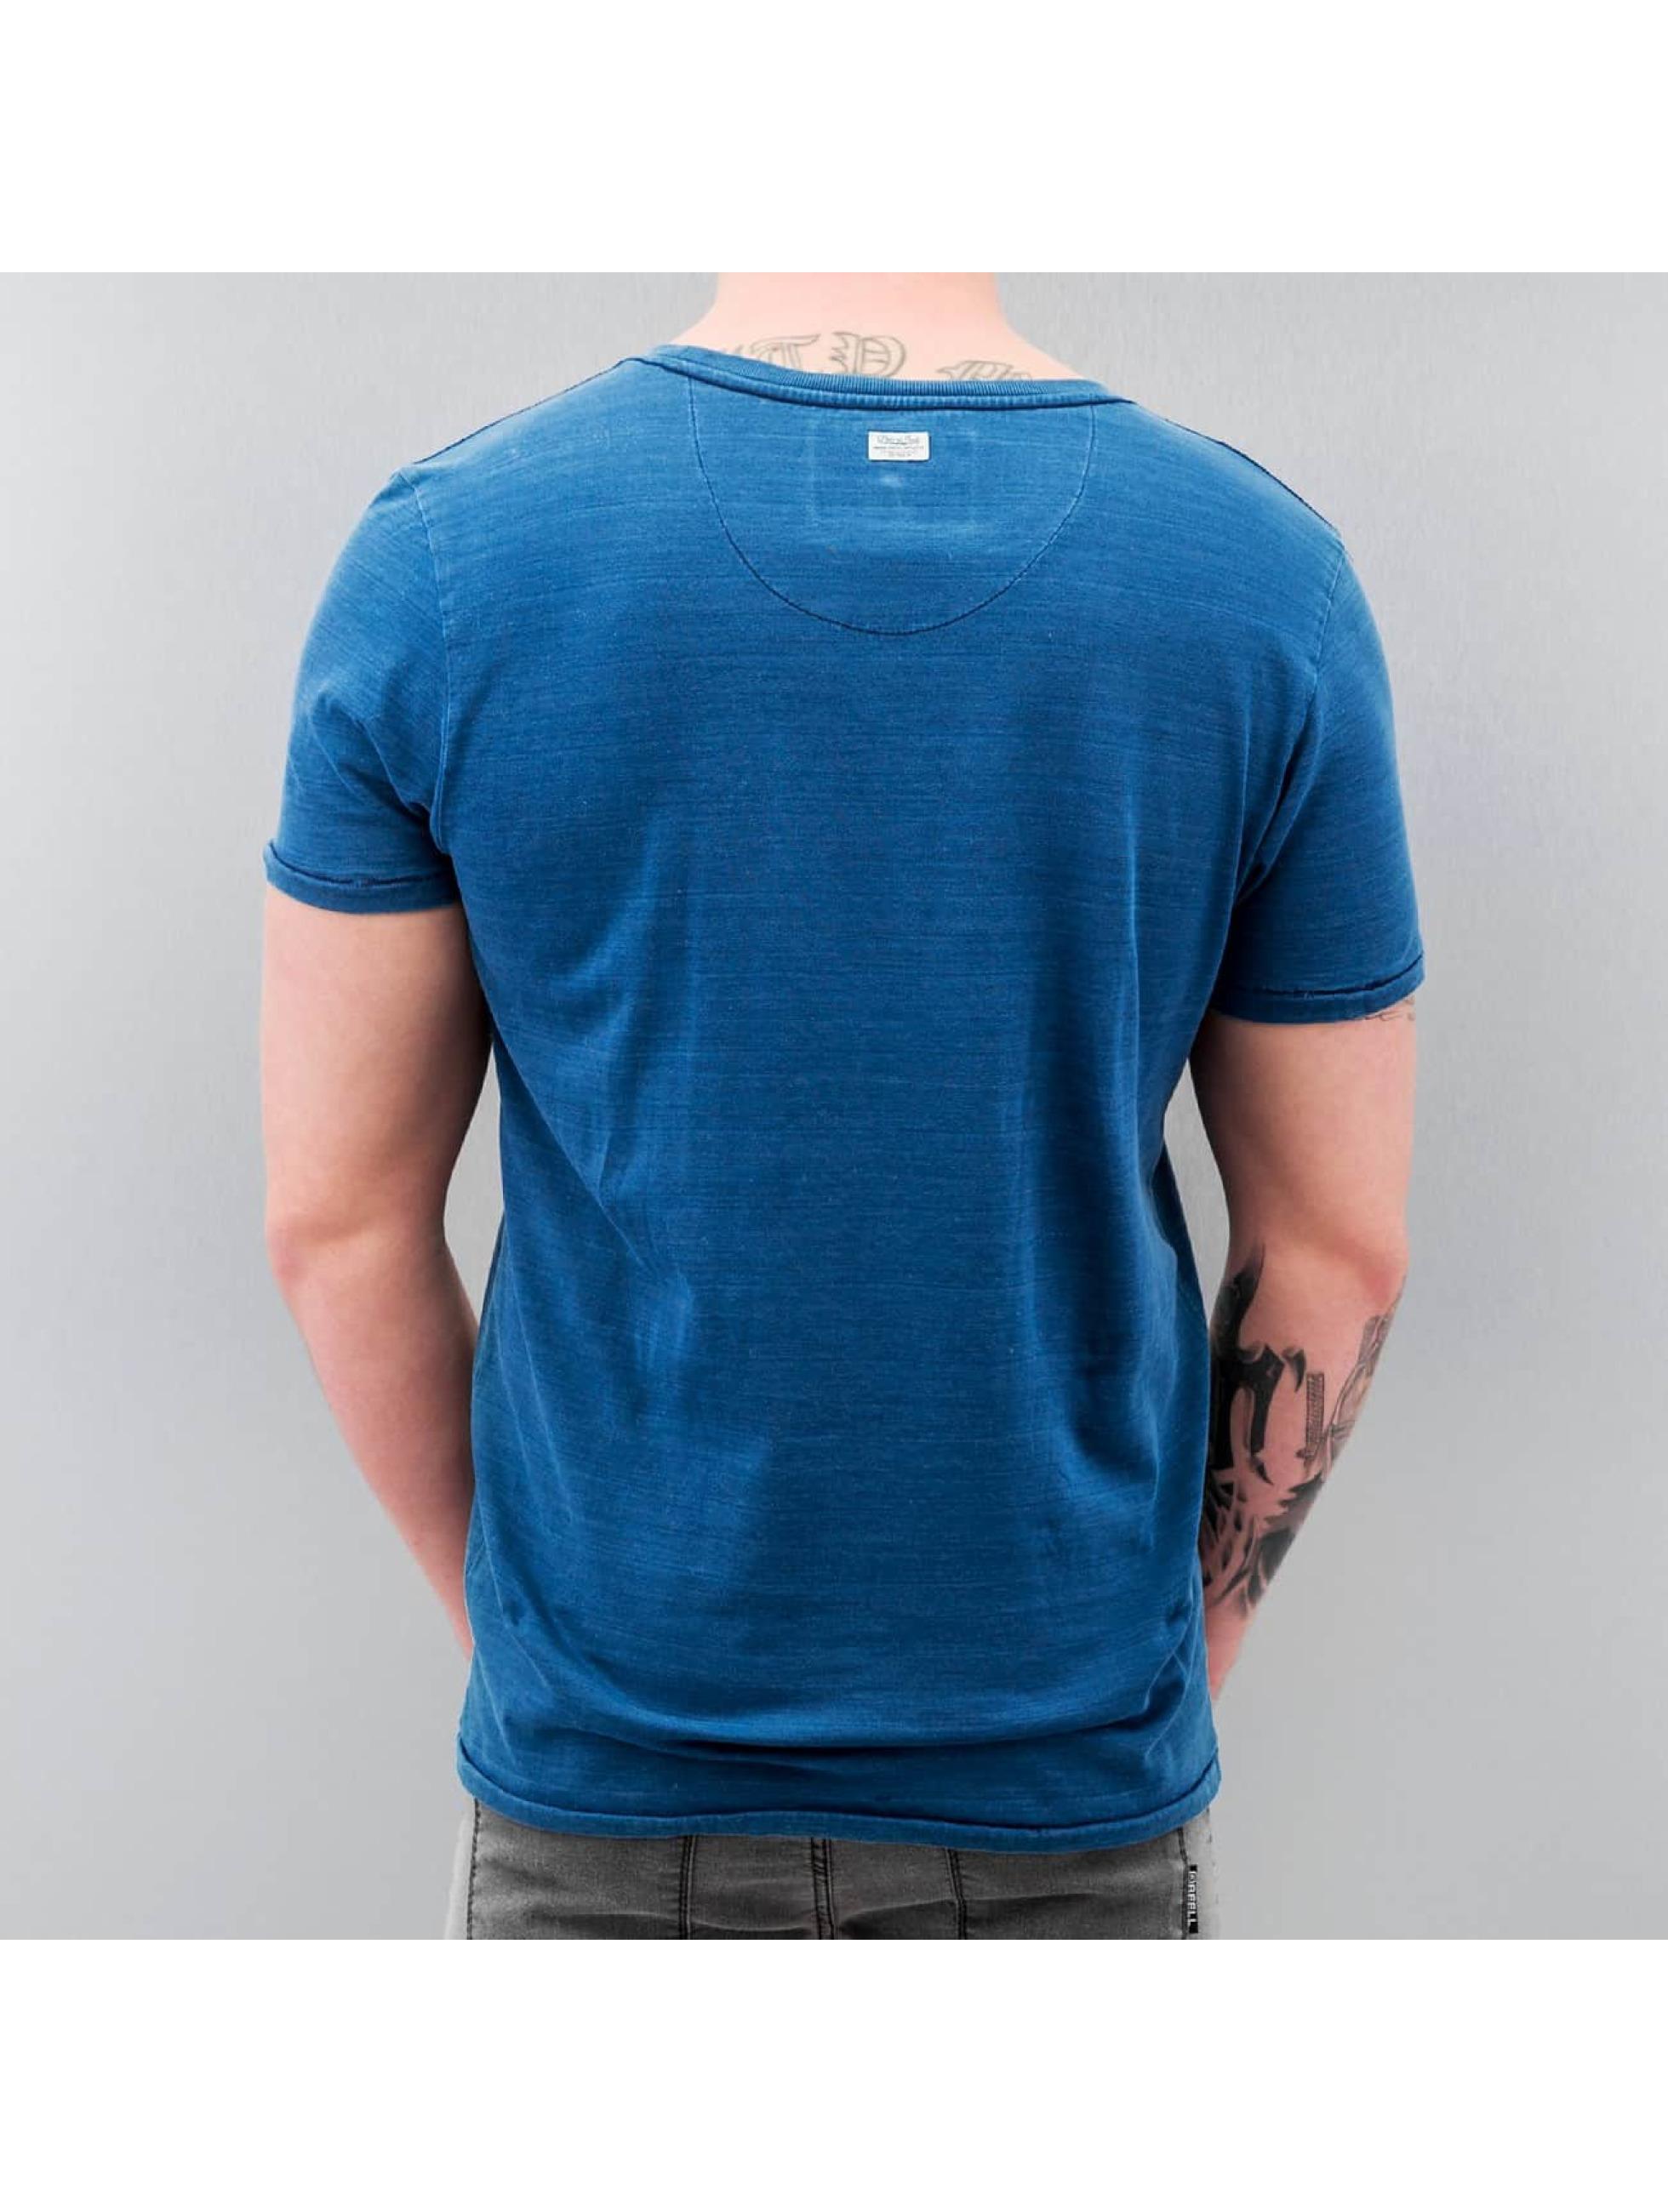 Petrol Industries t-shirt 73 blauw